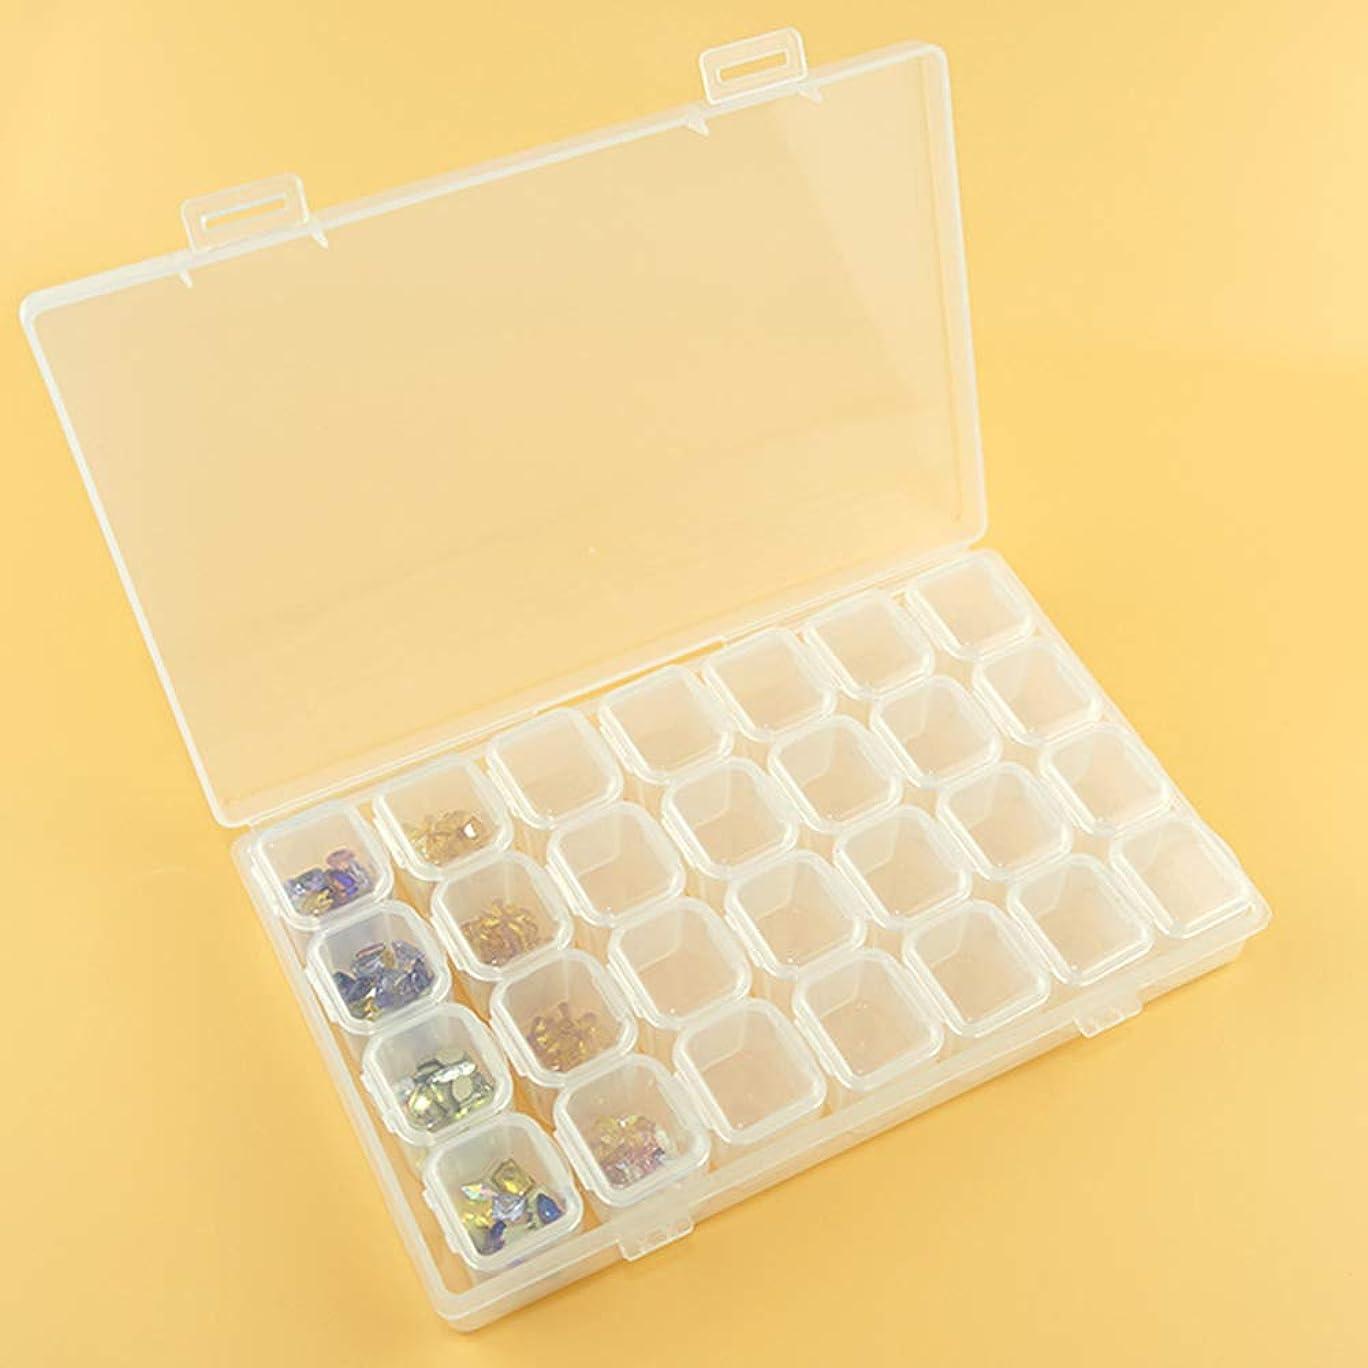 レトルトほかに楽しいhamulekfae-透明28コンパートメントネイルアートラインストーンジュエリー装飾収納ボックス - 透明Transparent